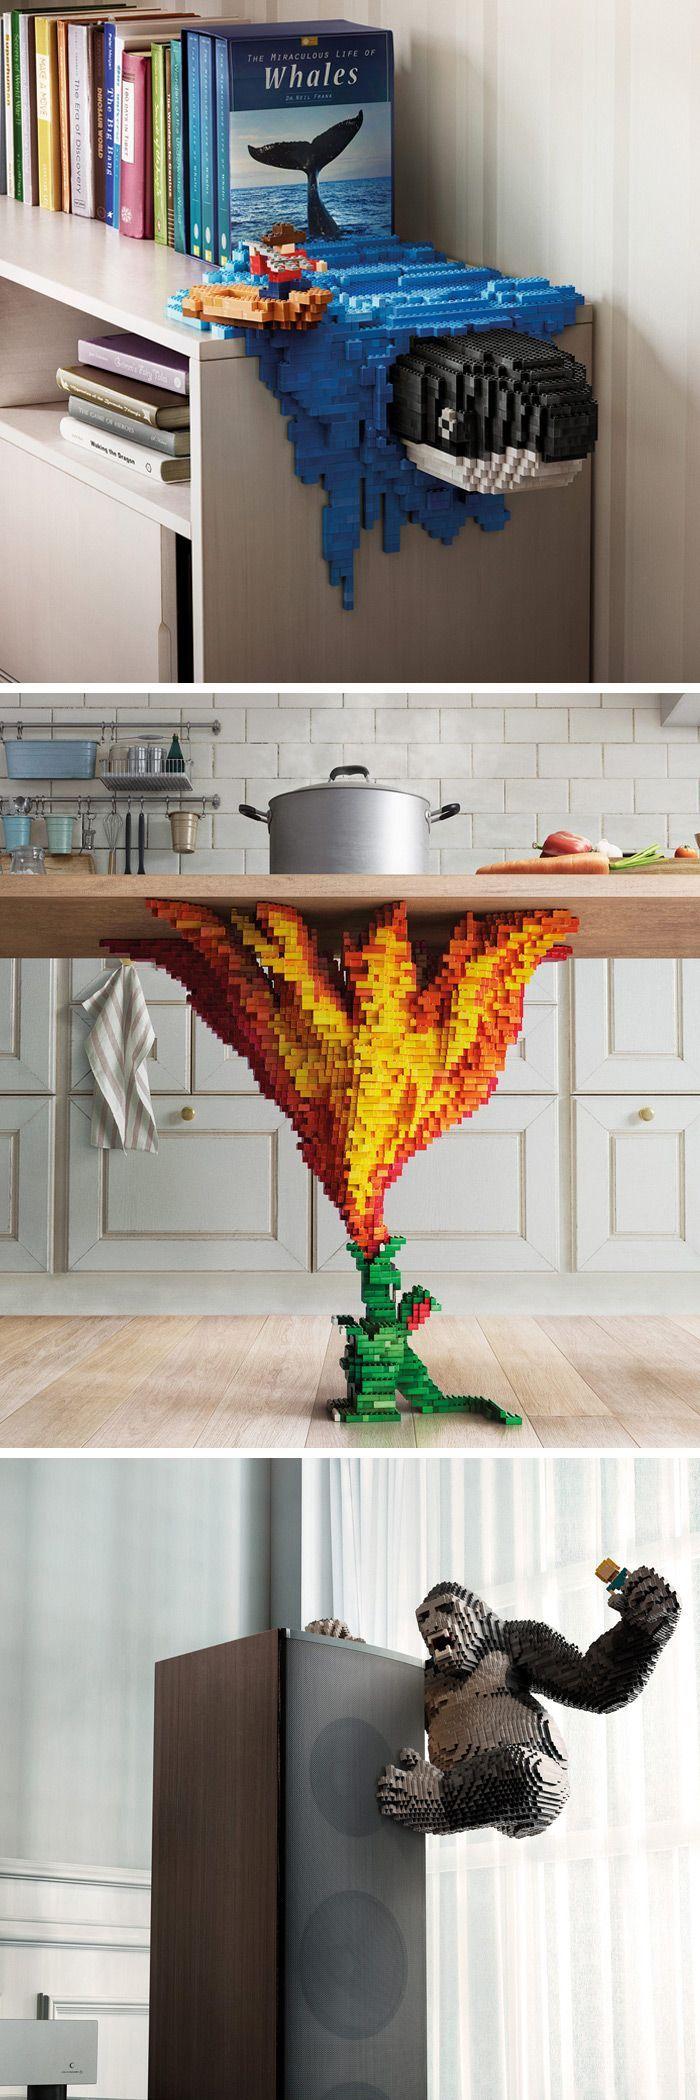 Kreative Lego-Konstruktionen erwecken fantastische Momente zum Leben